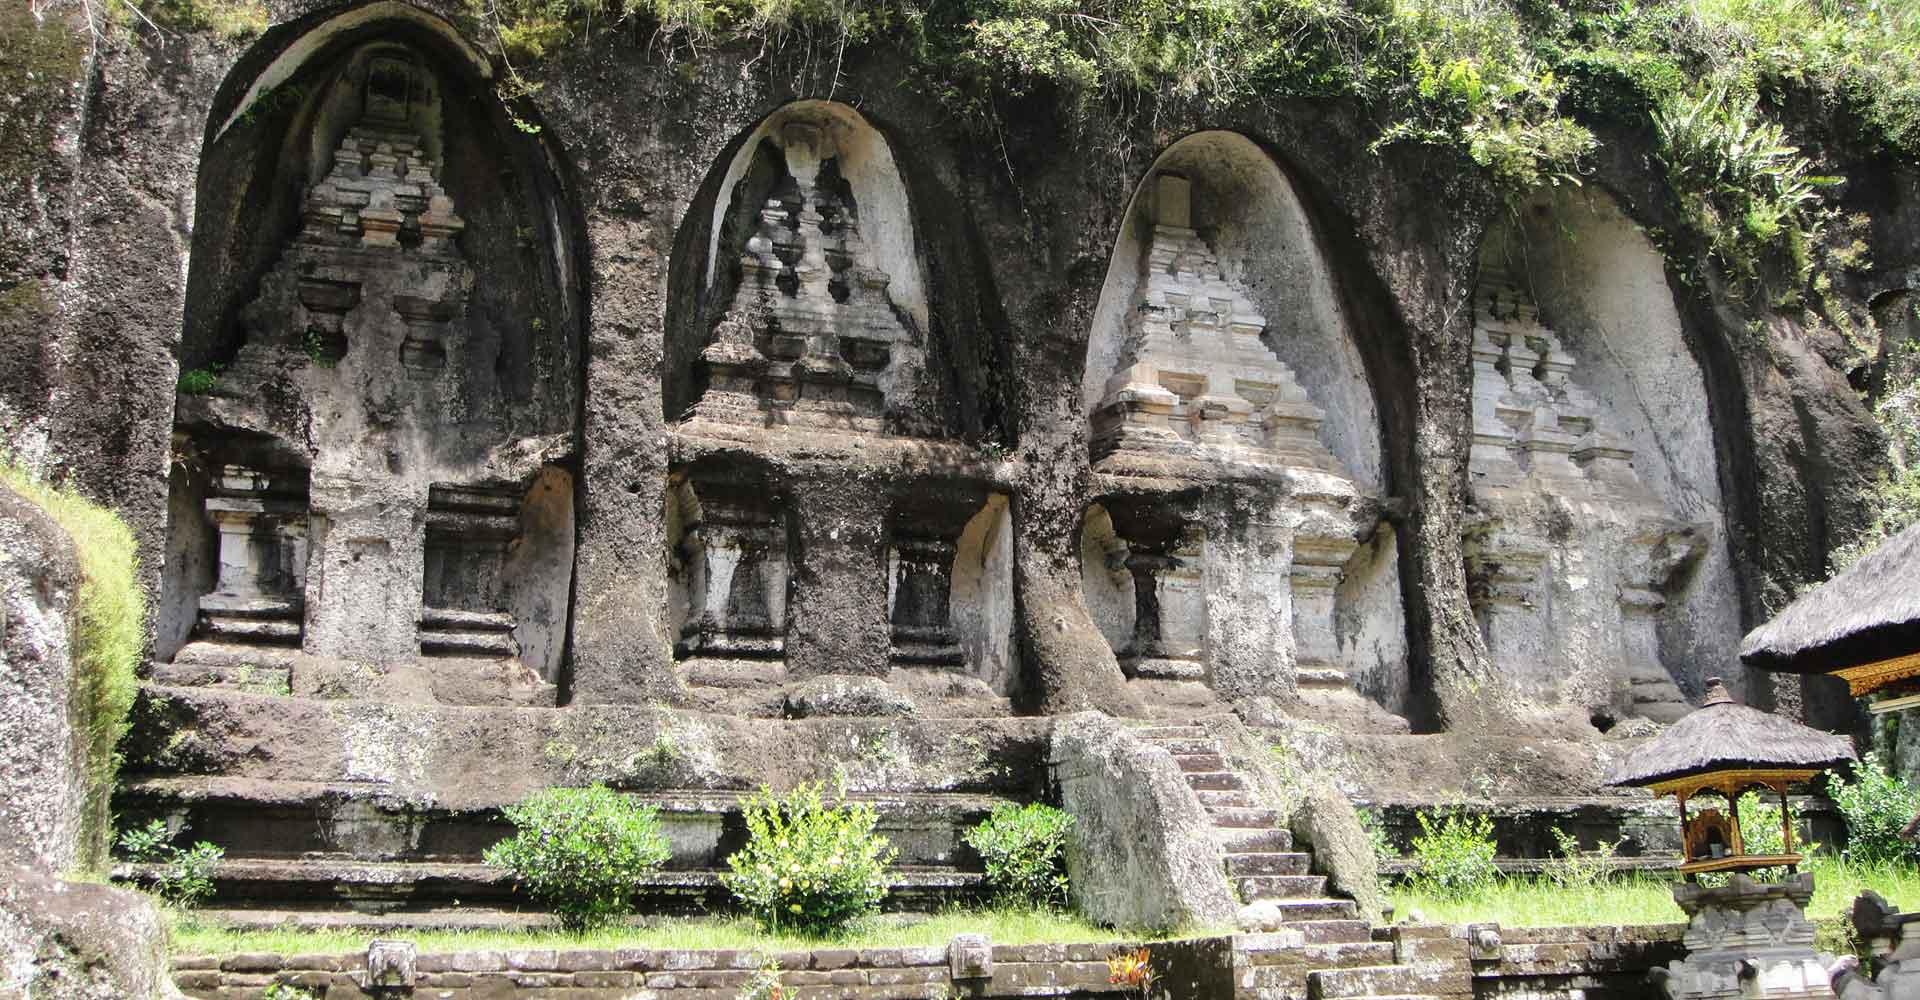 The Charms of Bali & Gili